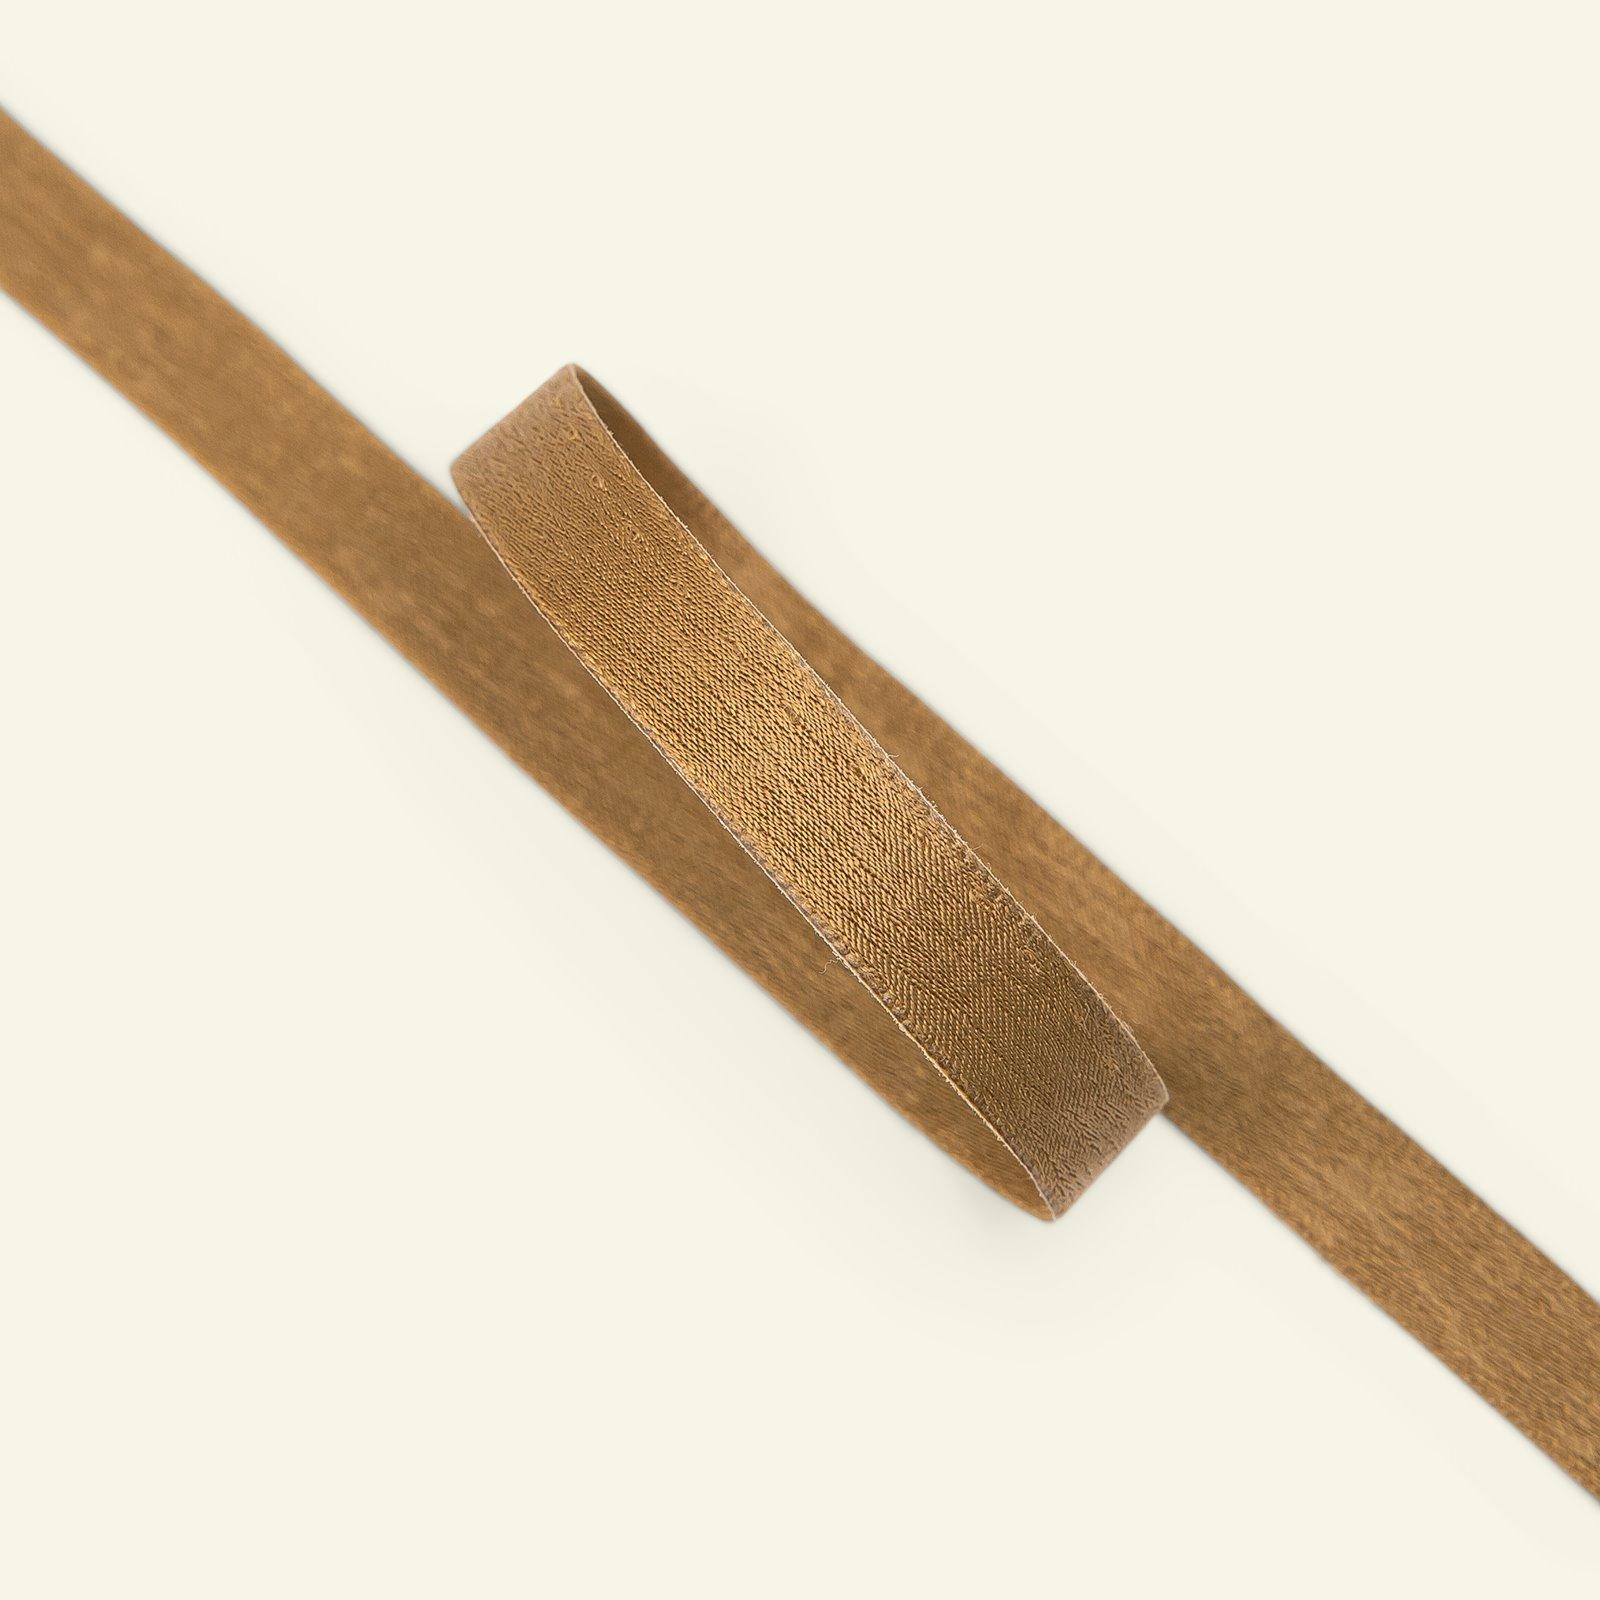 Satinband 10mm Beige, 3m 22228_pack